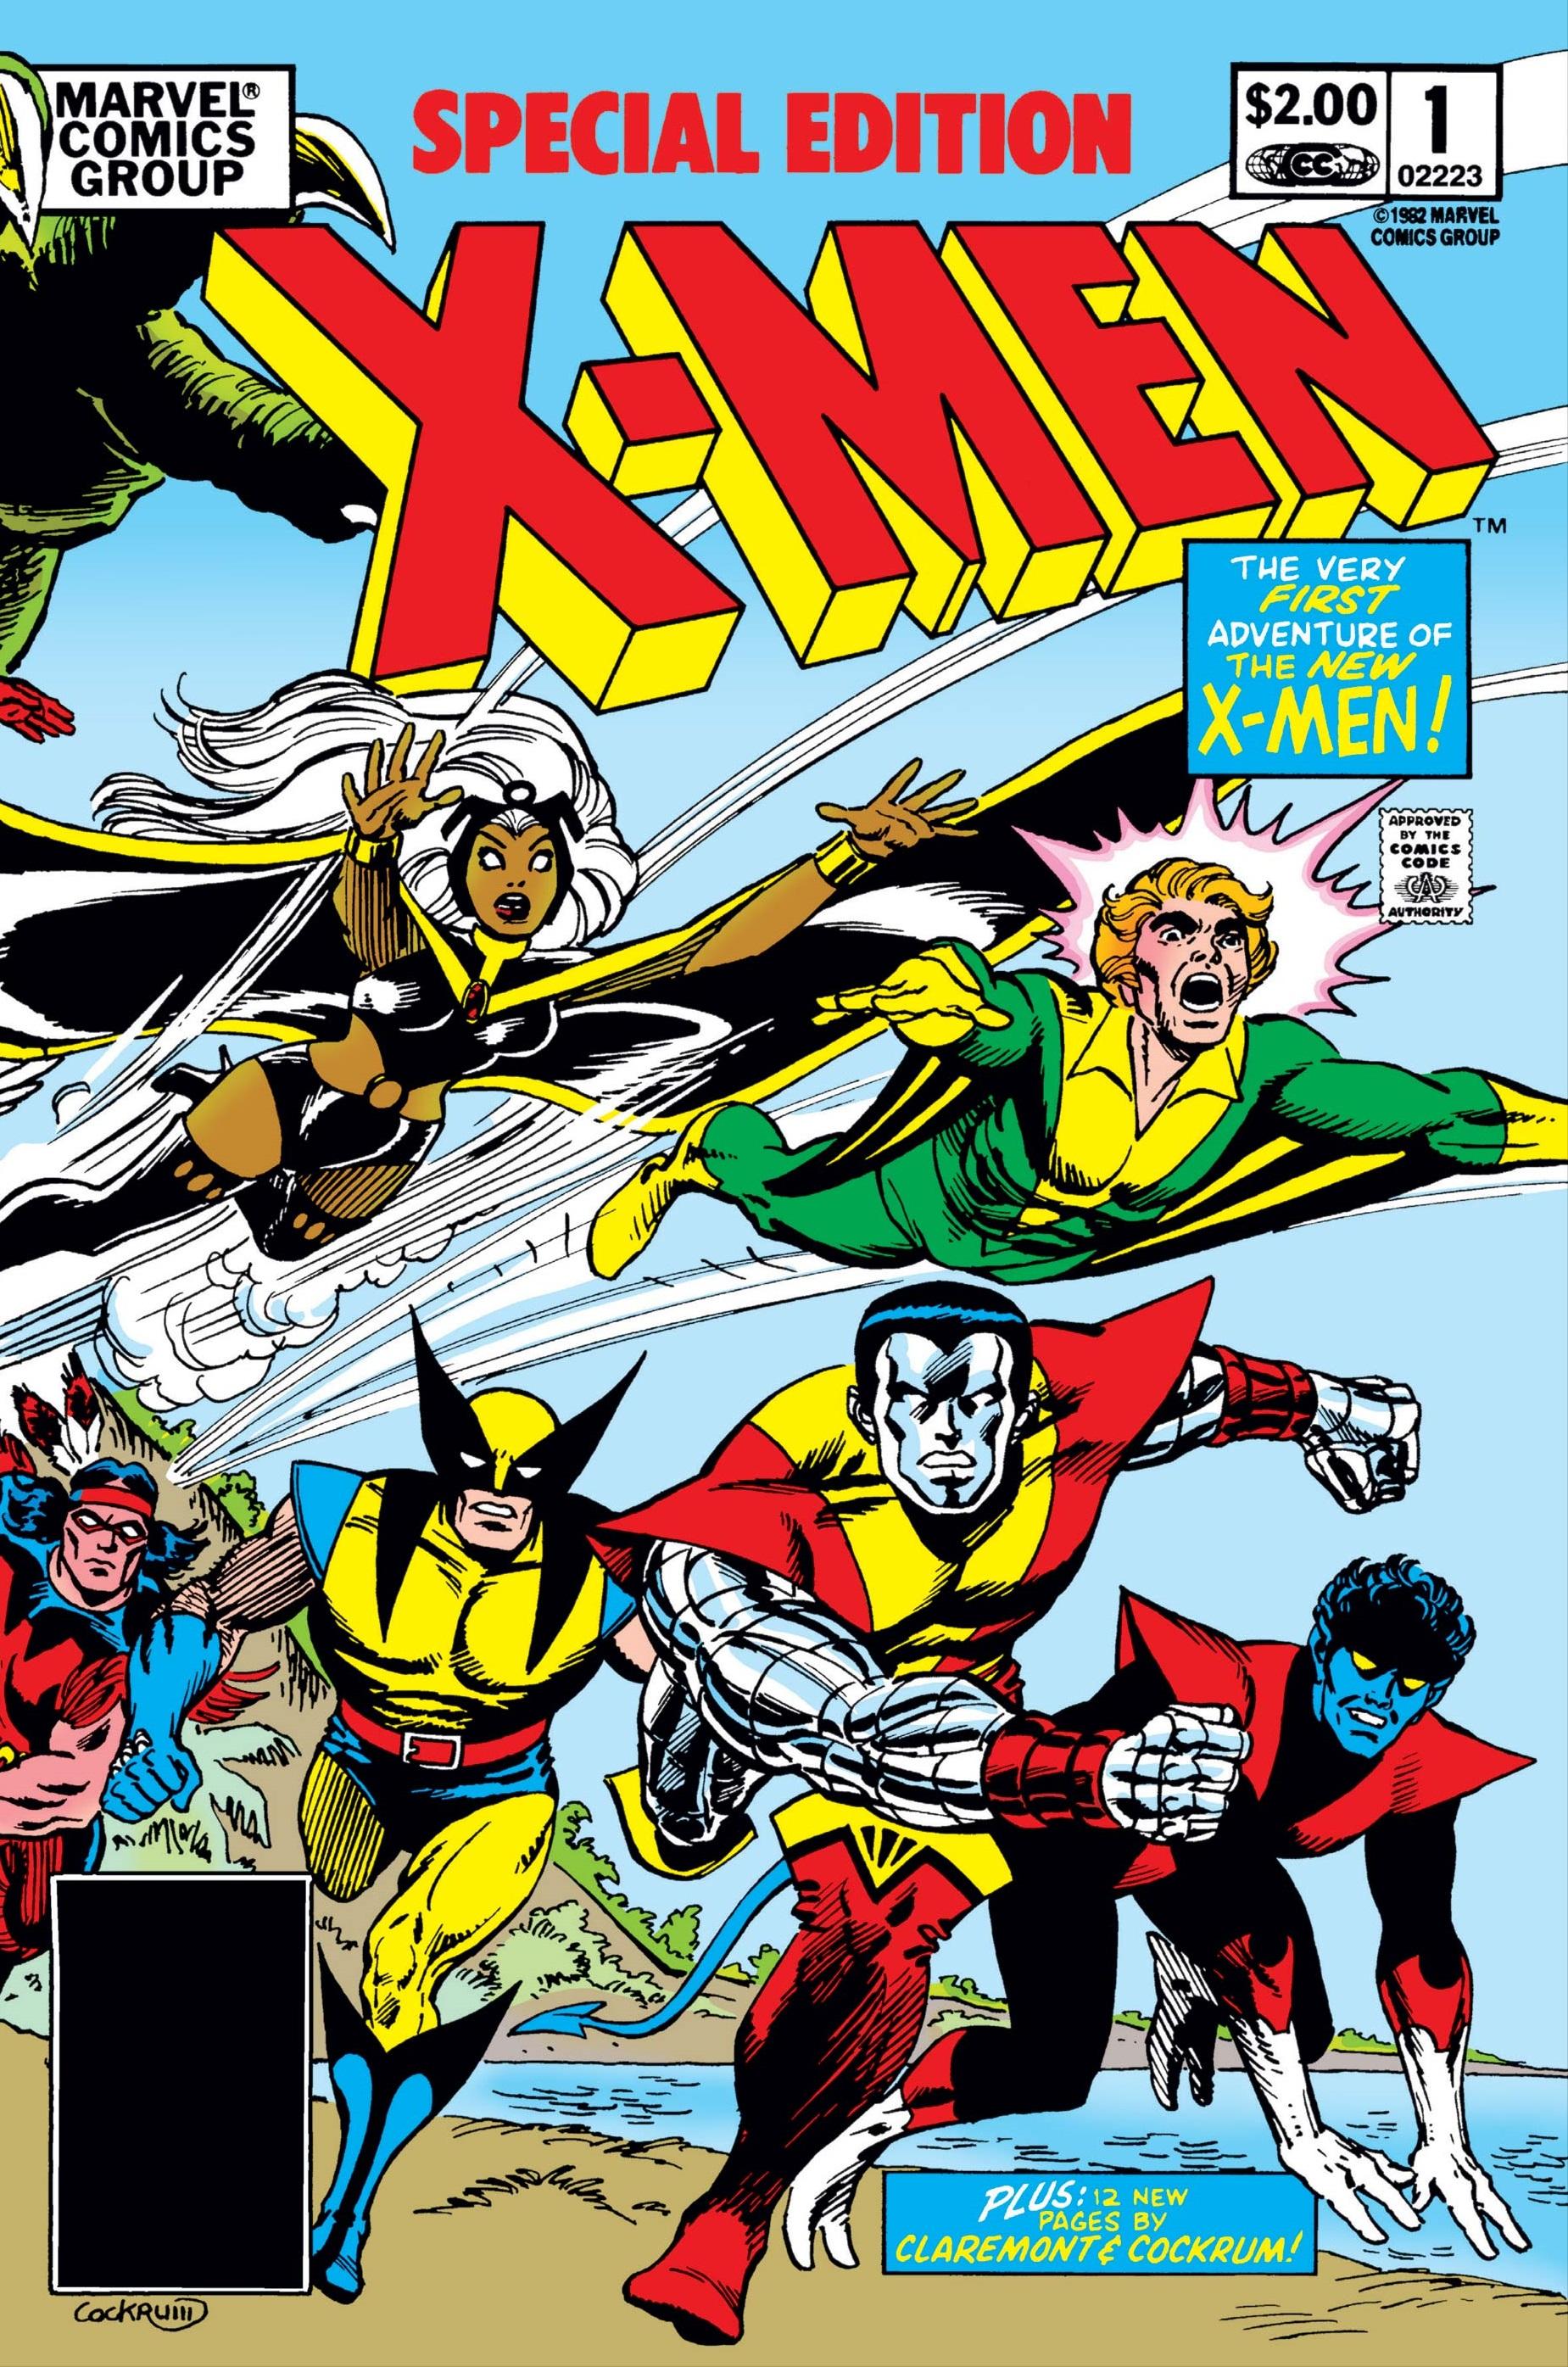 Special Edition: X-Men (1983) #1